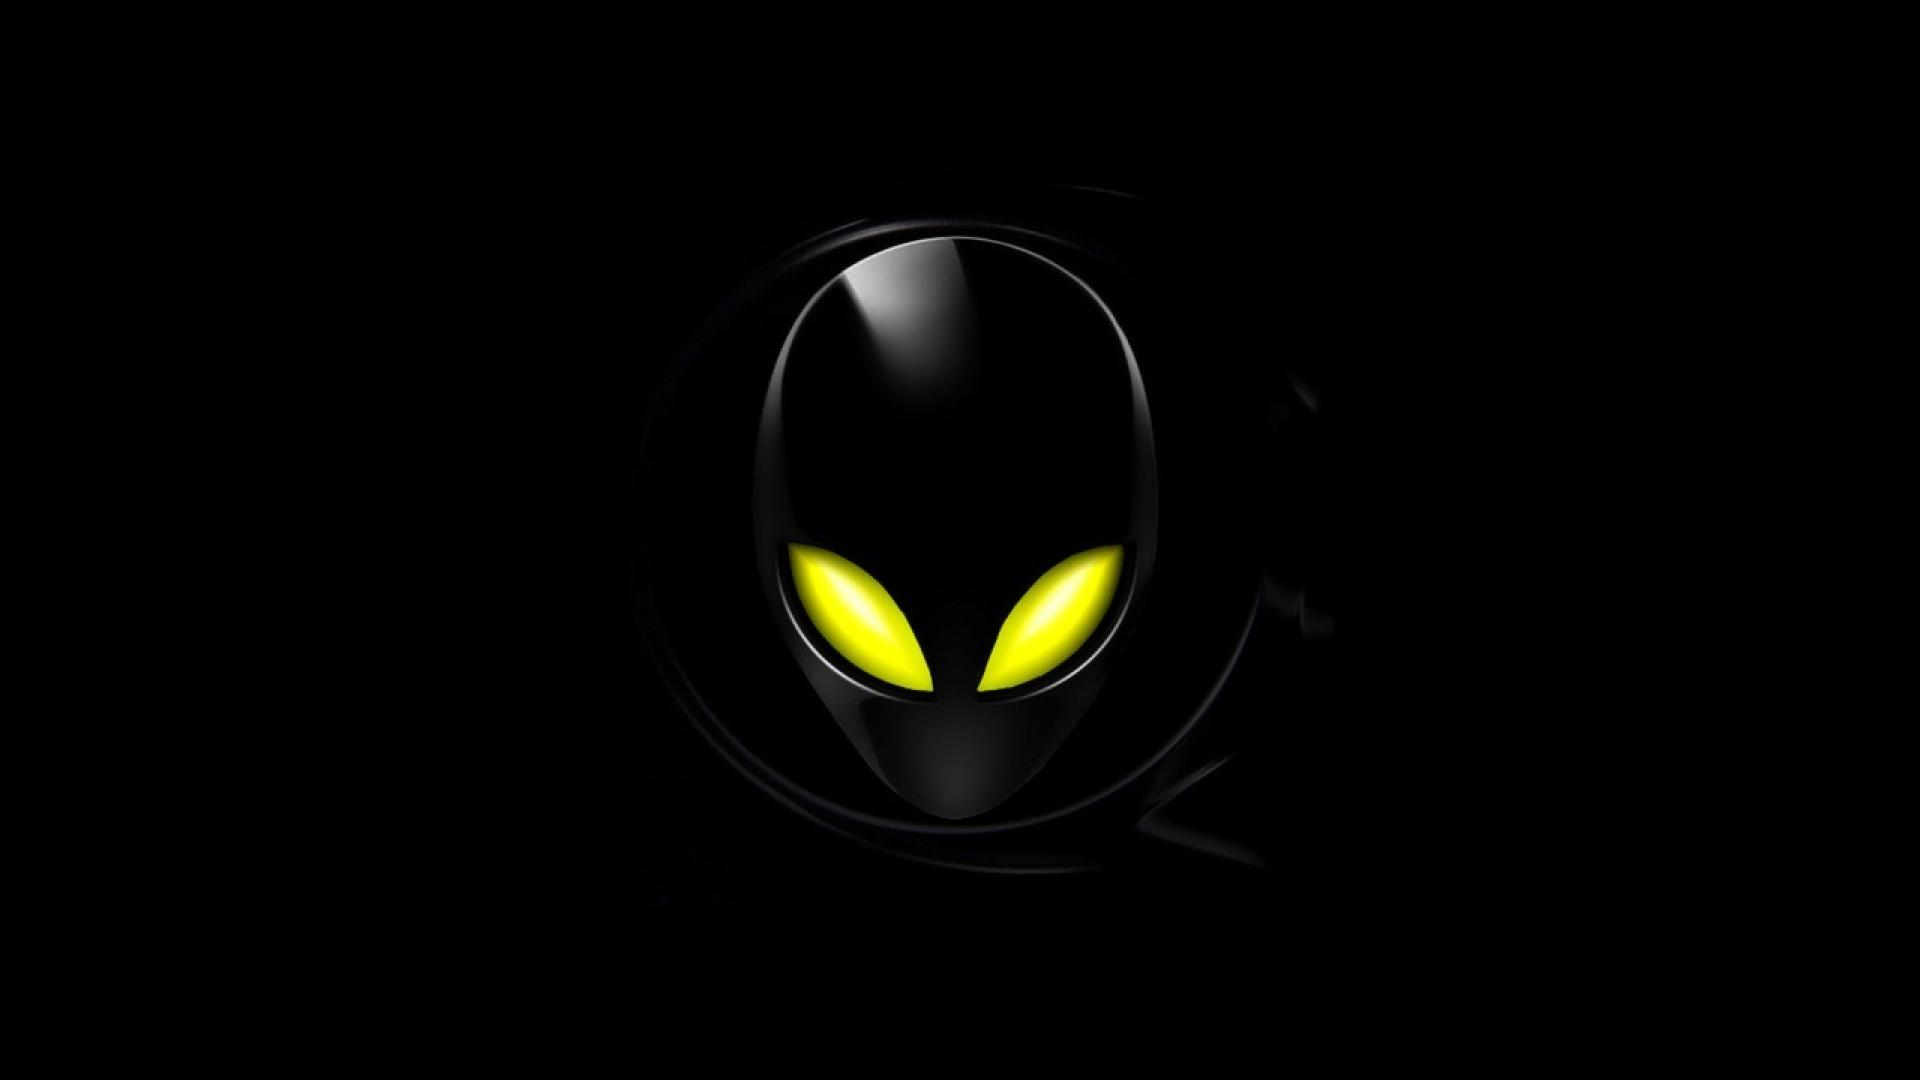 Alien Desktop Wallpaper Hd Alienware Wallpaper 1366x768 Sf Wallpaper